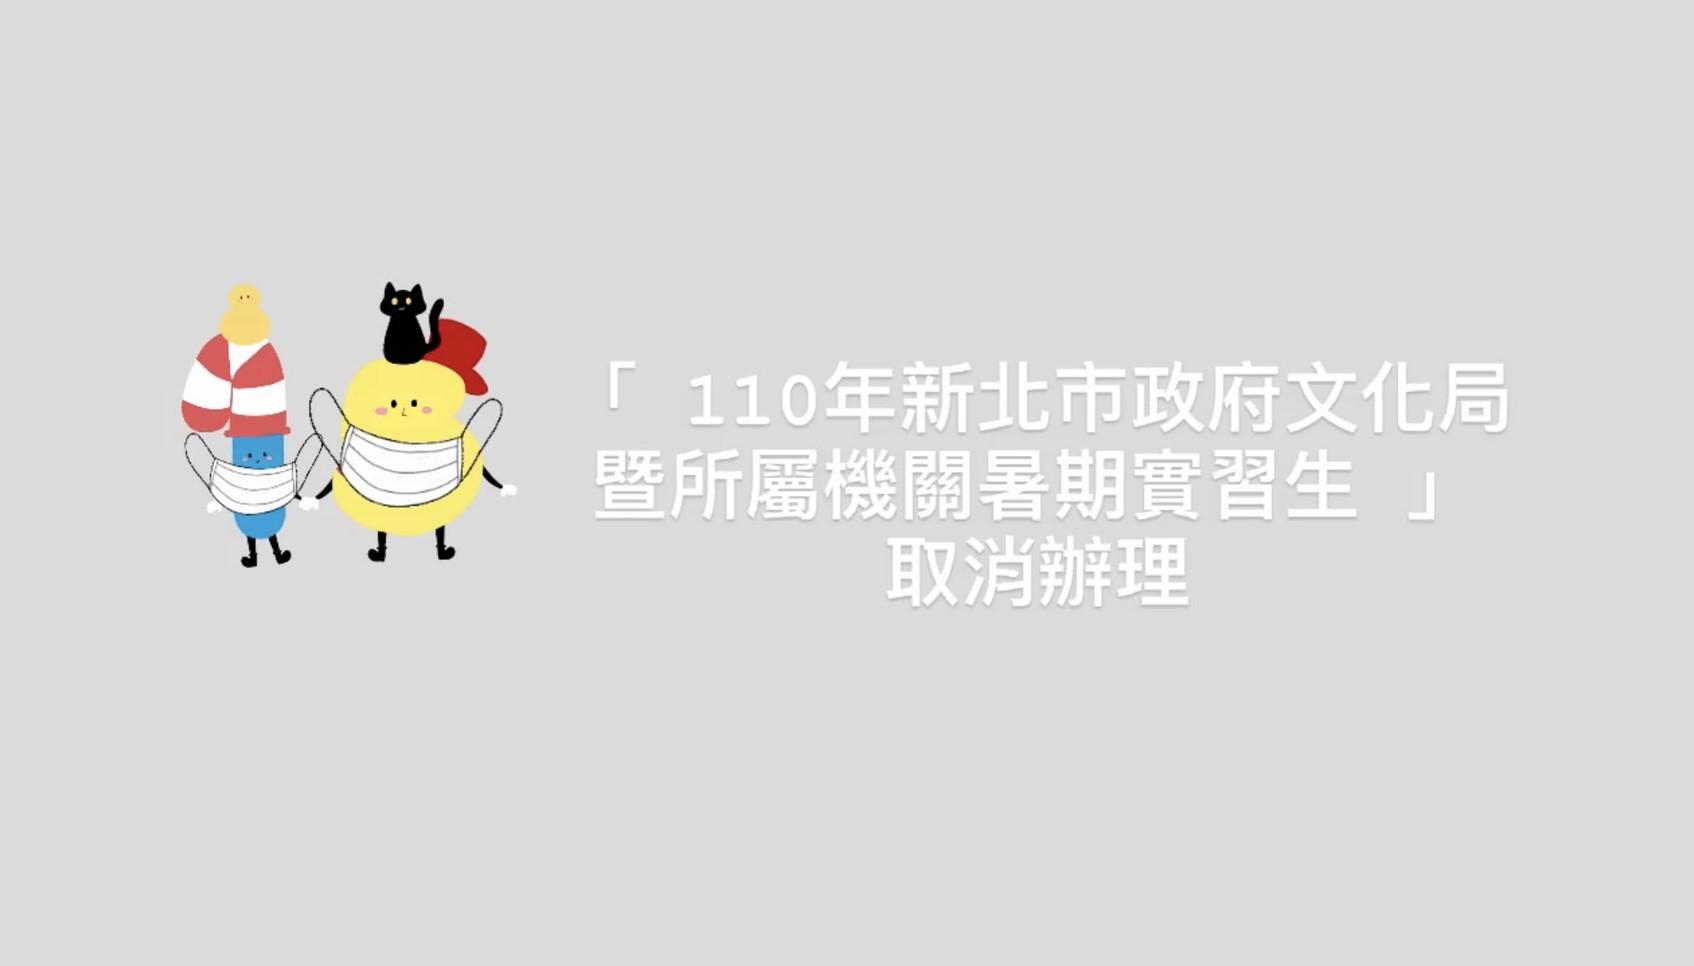 「 110年新北市政府文化局暨所屬機關暑期實習生 」取消辦理